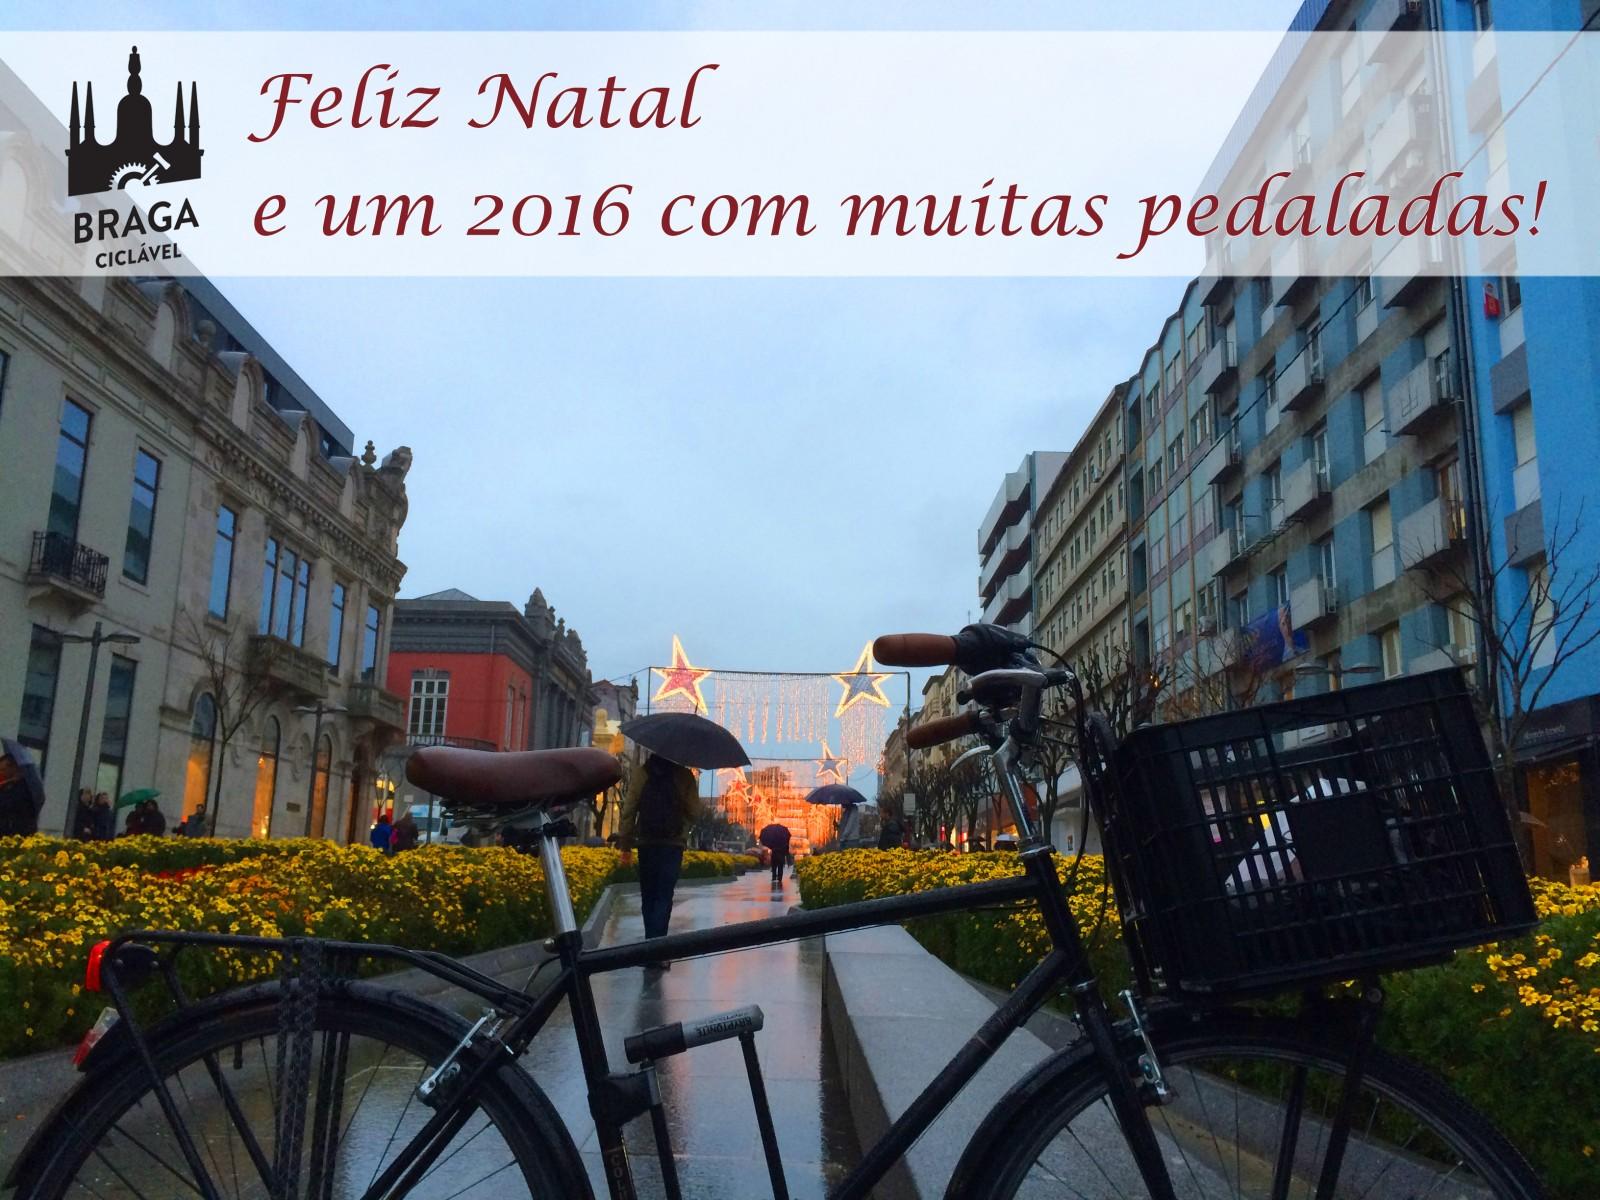 Feliz Natal e um 2016 com muitas pedaladas!